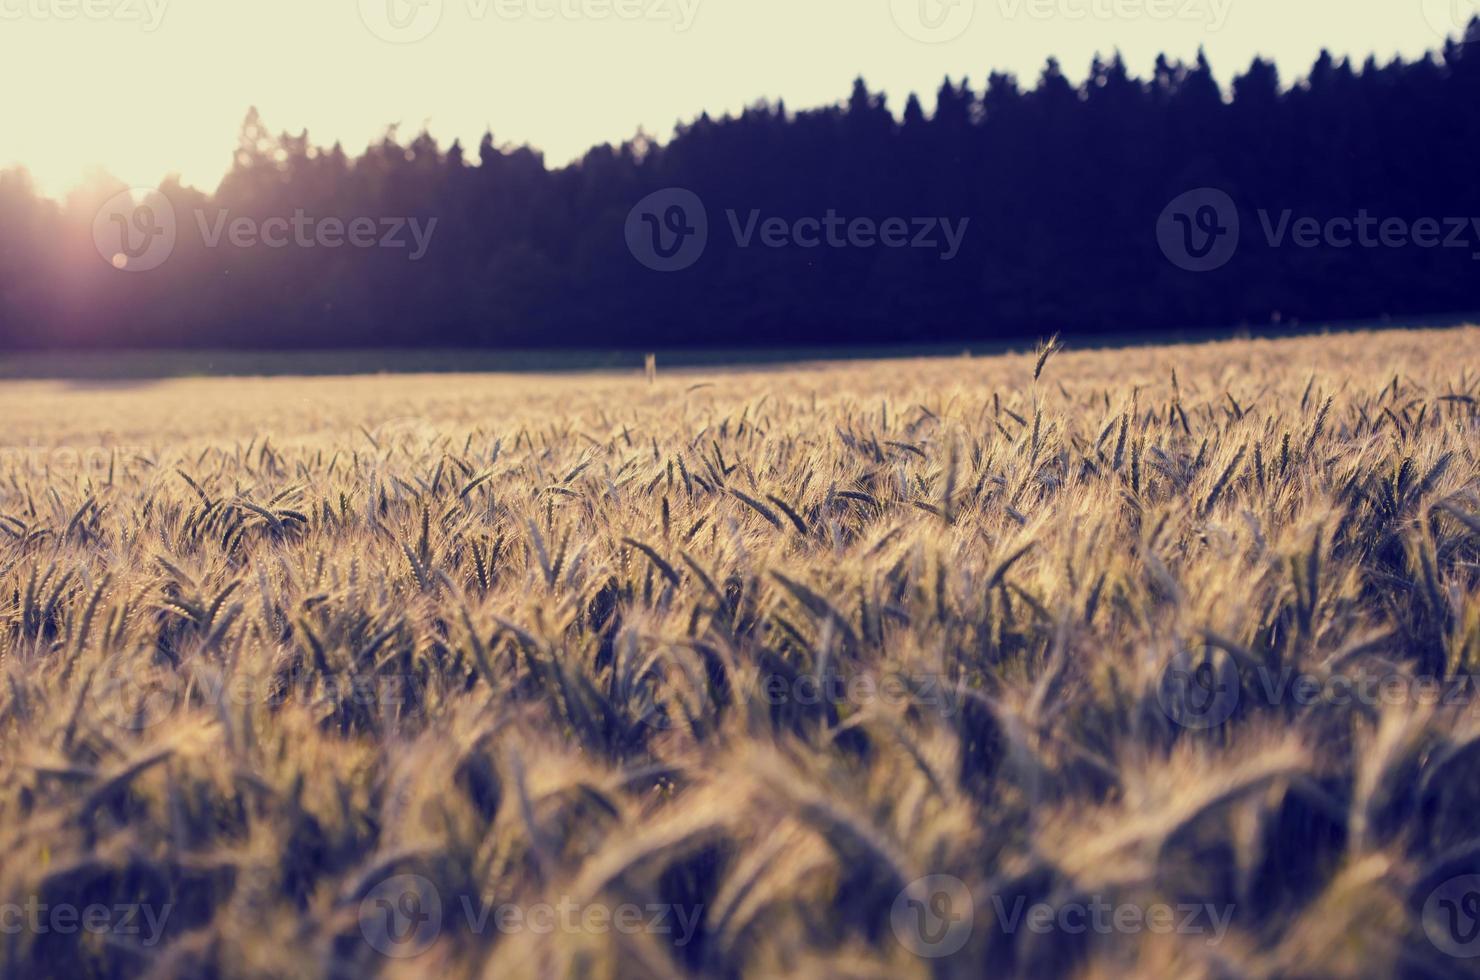 Lever du soleil sur un champ d'épis de blé en cours de maturation photo